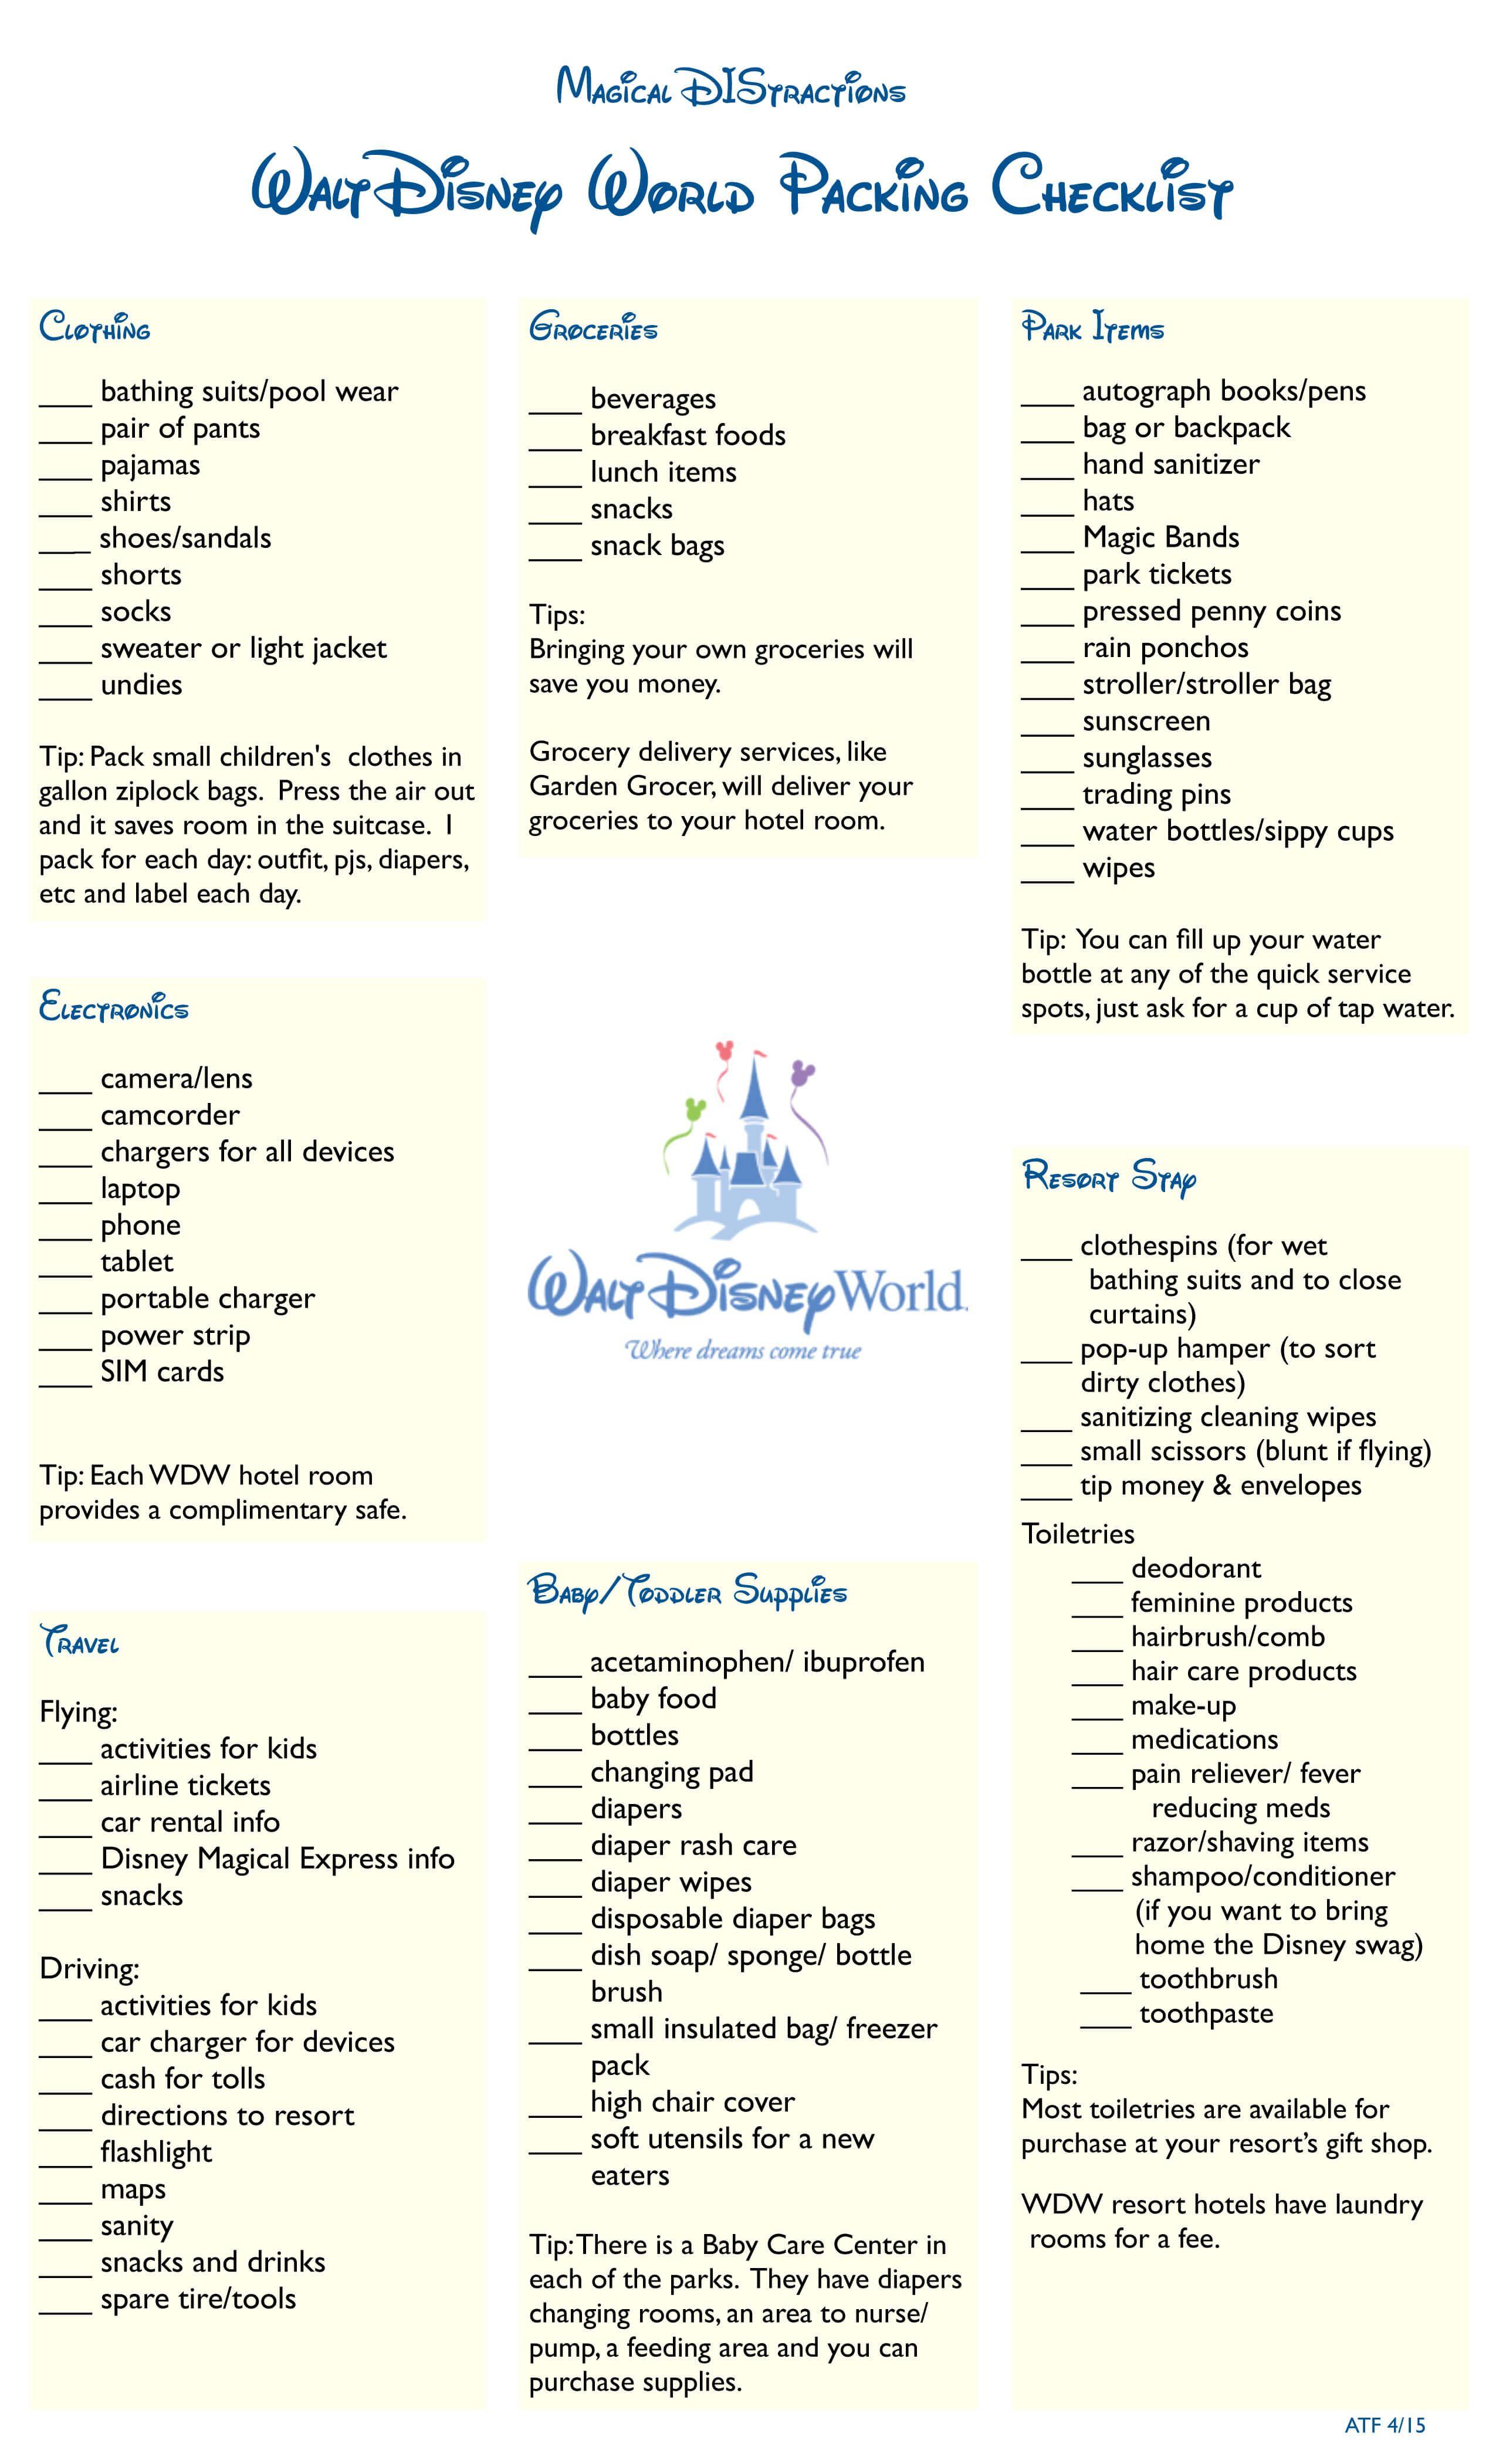 Walt Disney World Packing Checklist